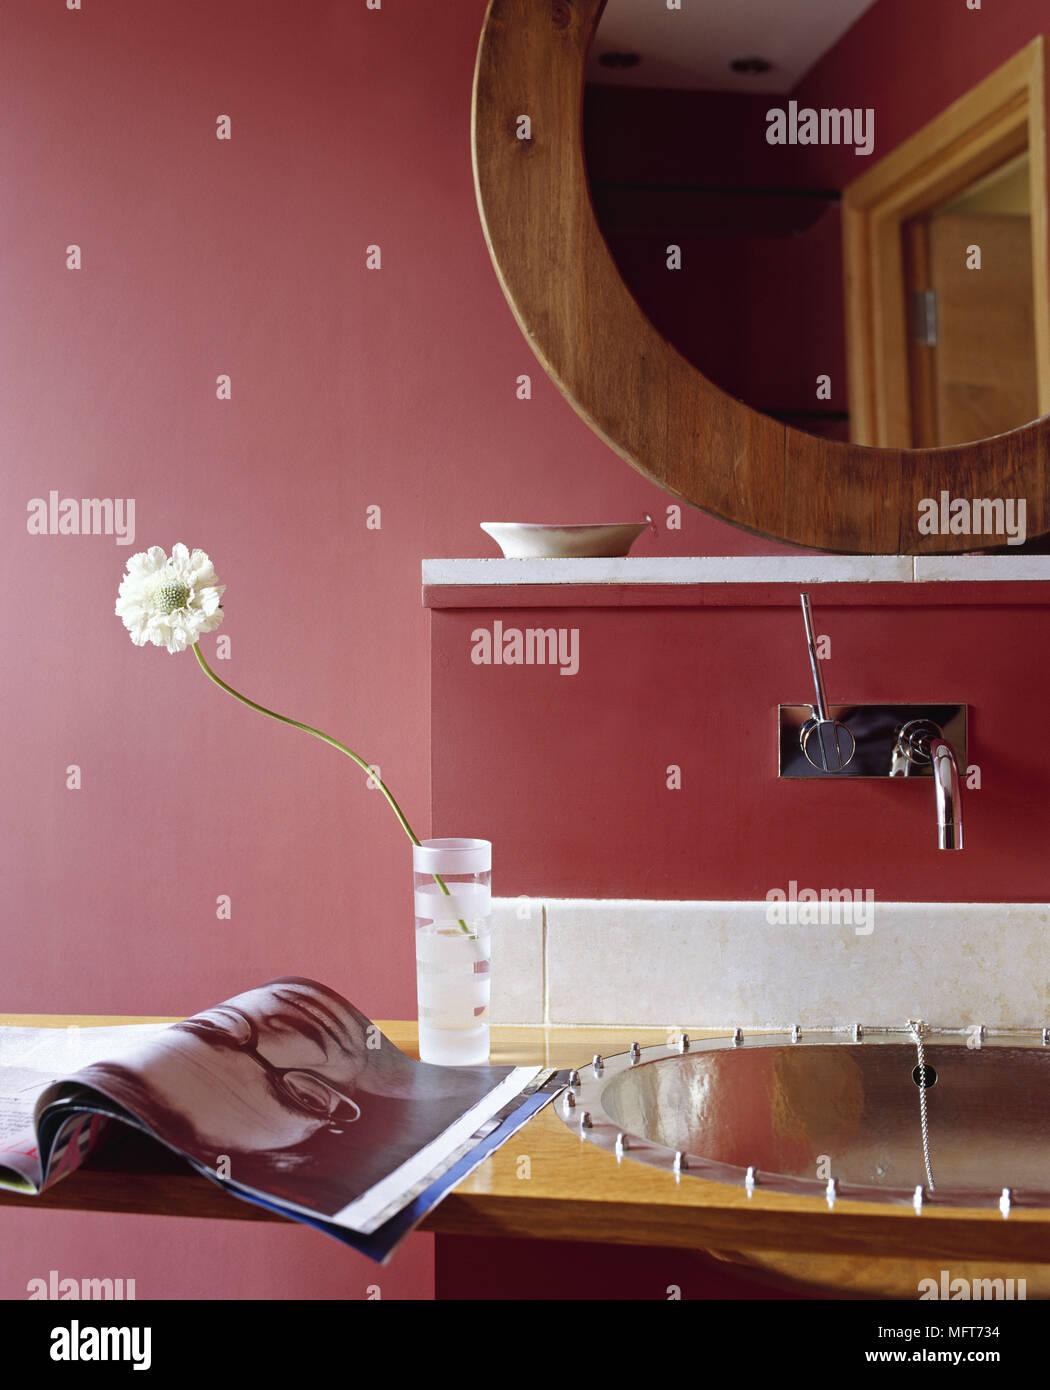 Badezimmer rote Wände Holz gerahmte Spiegel modernes Waschbecken ...